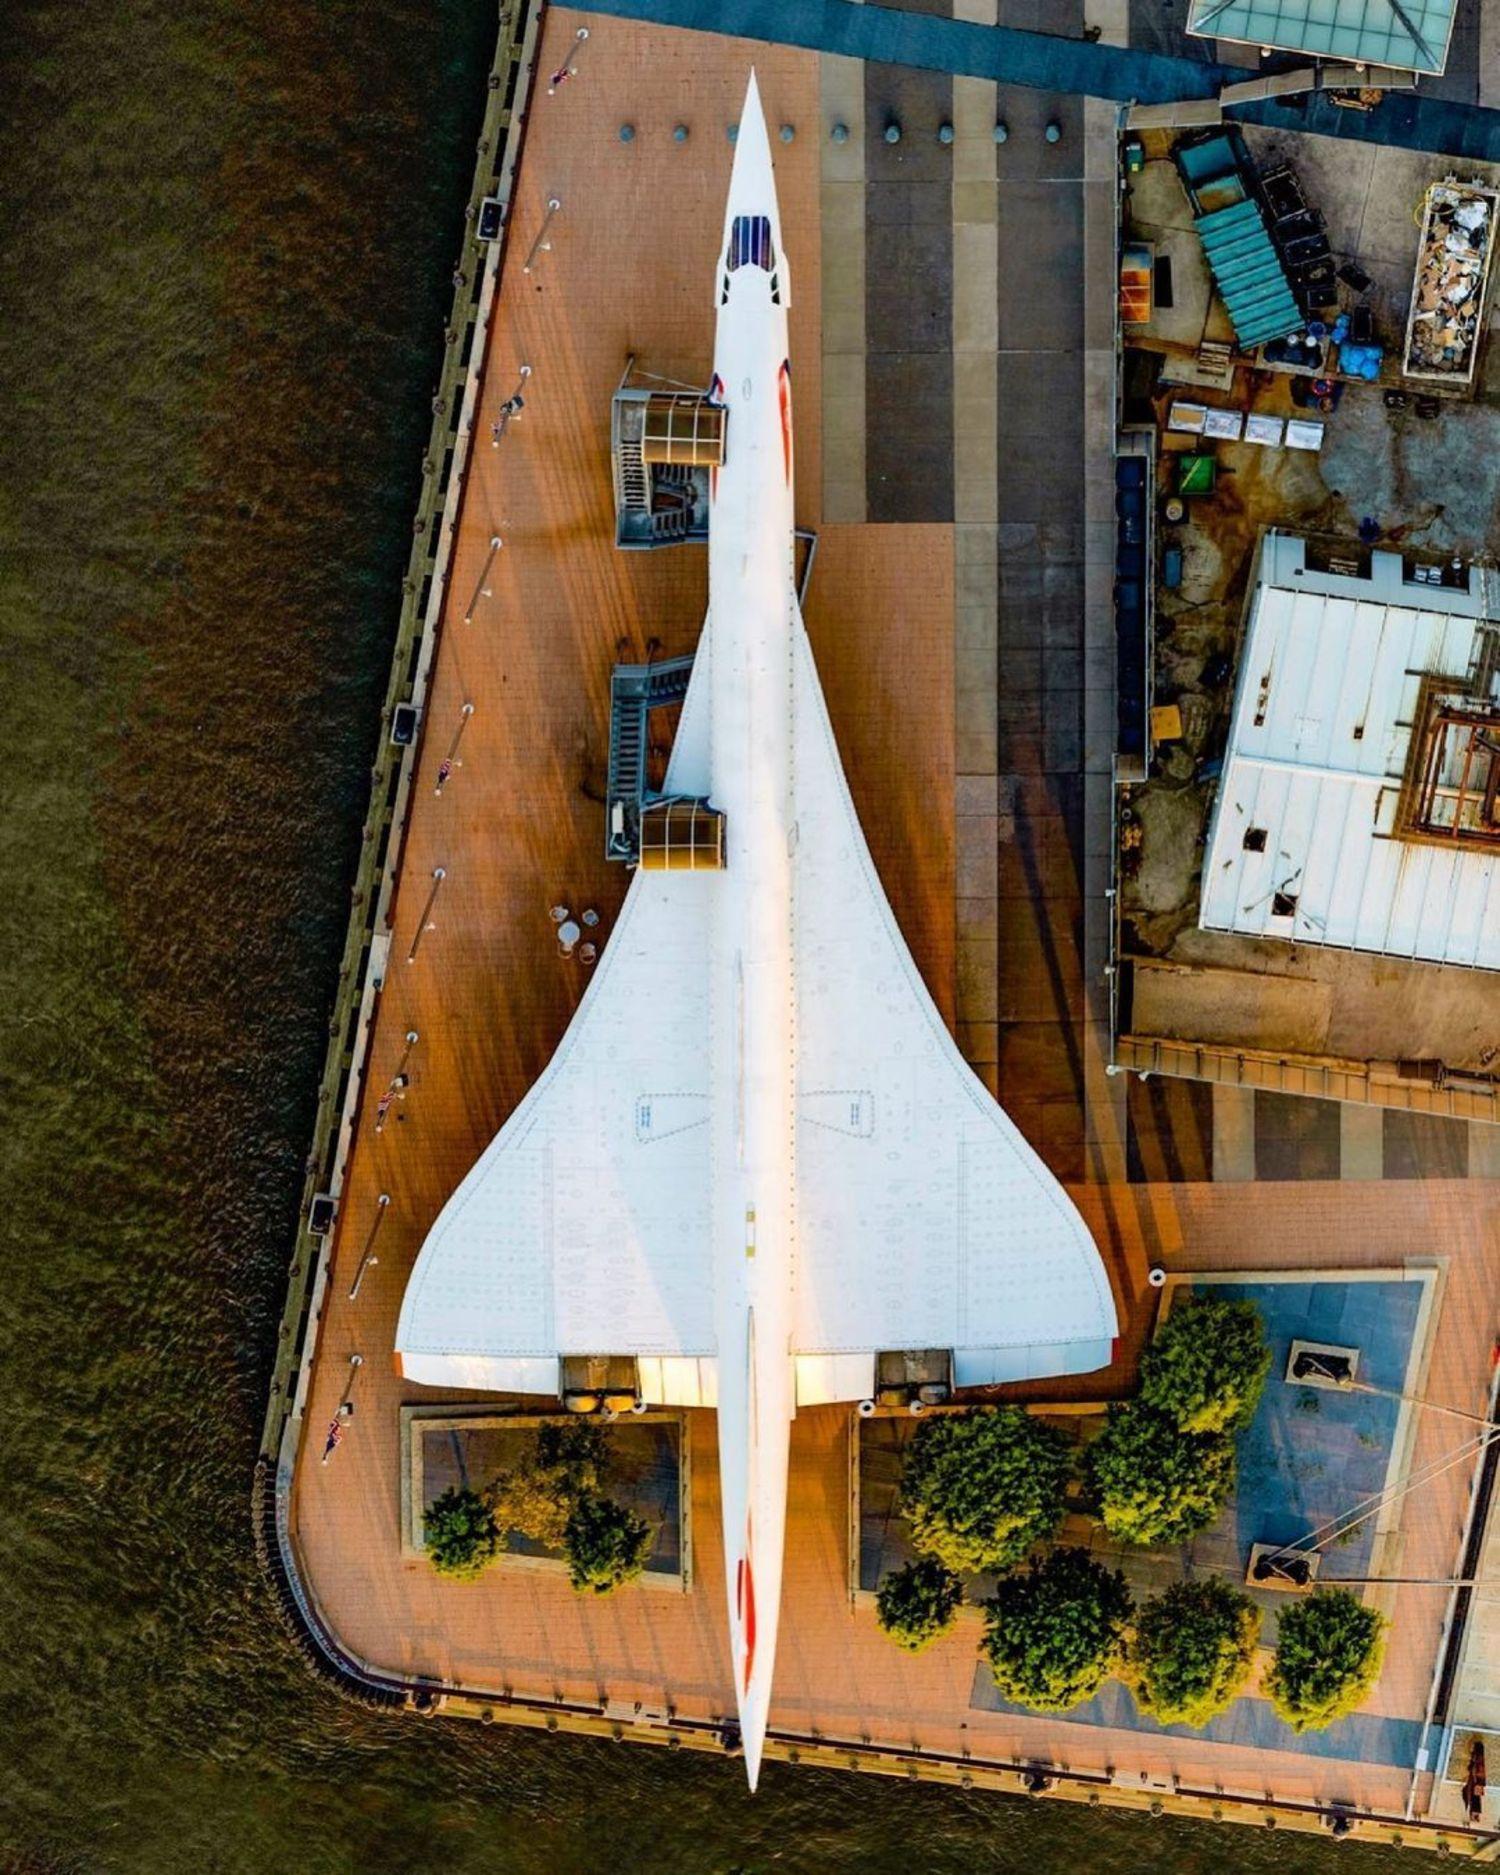 Concorde Jet, Intrepid Sea, Air, and Space Museum, Manhattan